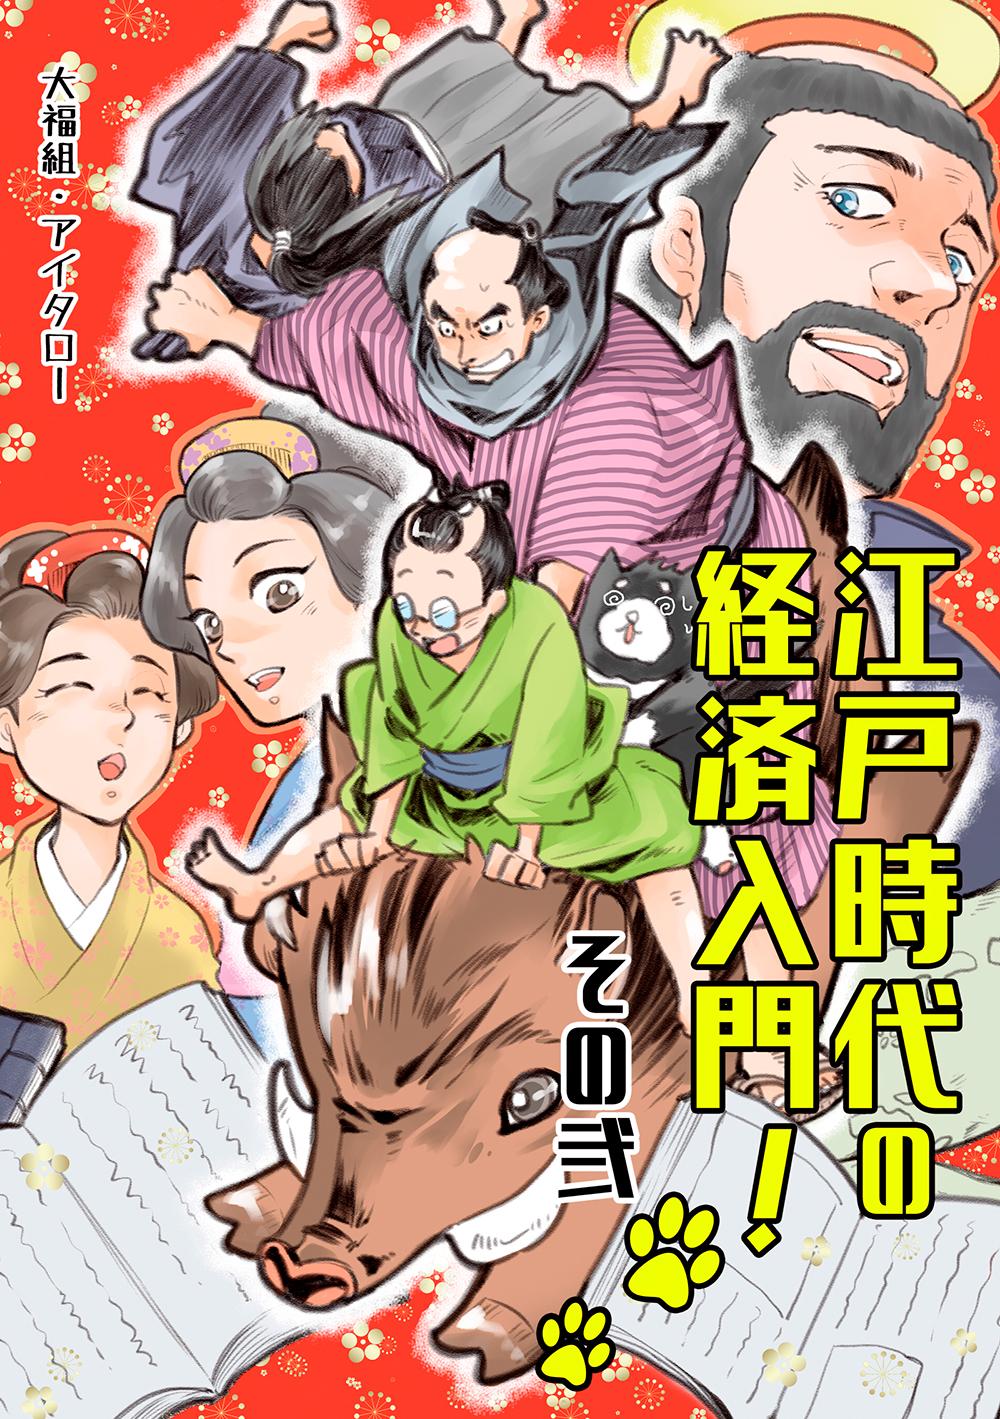 『江戸時代の経済入門!』第2巻出ました!